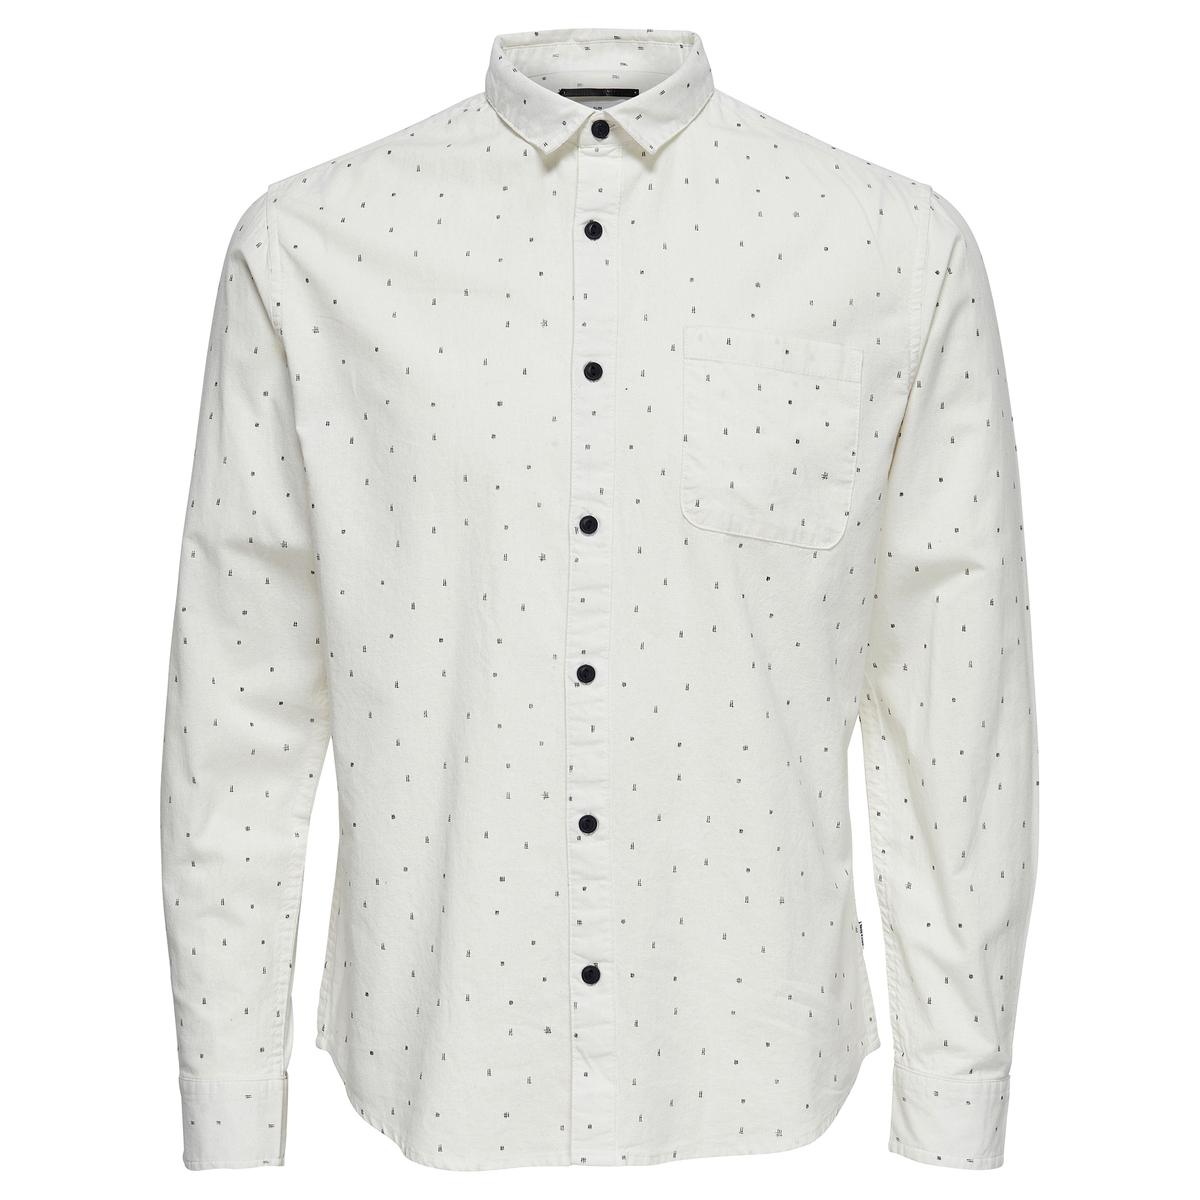 Рубашка приталеннаяОписание:Детали  •  Длинные рукава  •  Приталенный покрой •  Классический воротник •  Жаккардовый рисунок Состав и уход  •  100% хлопок  •  Следуйте советам по уходу, указанным на этикетке<br><br>Цвет: белый<br>Размер: L.XL